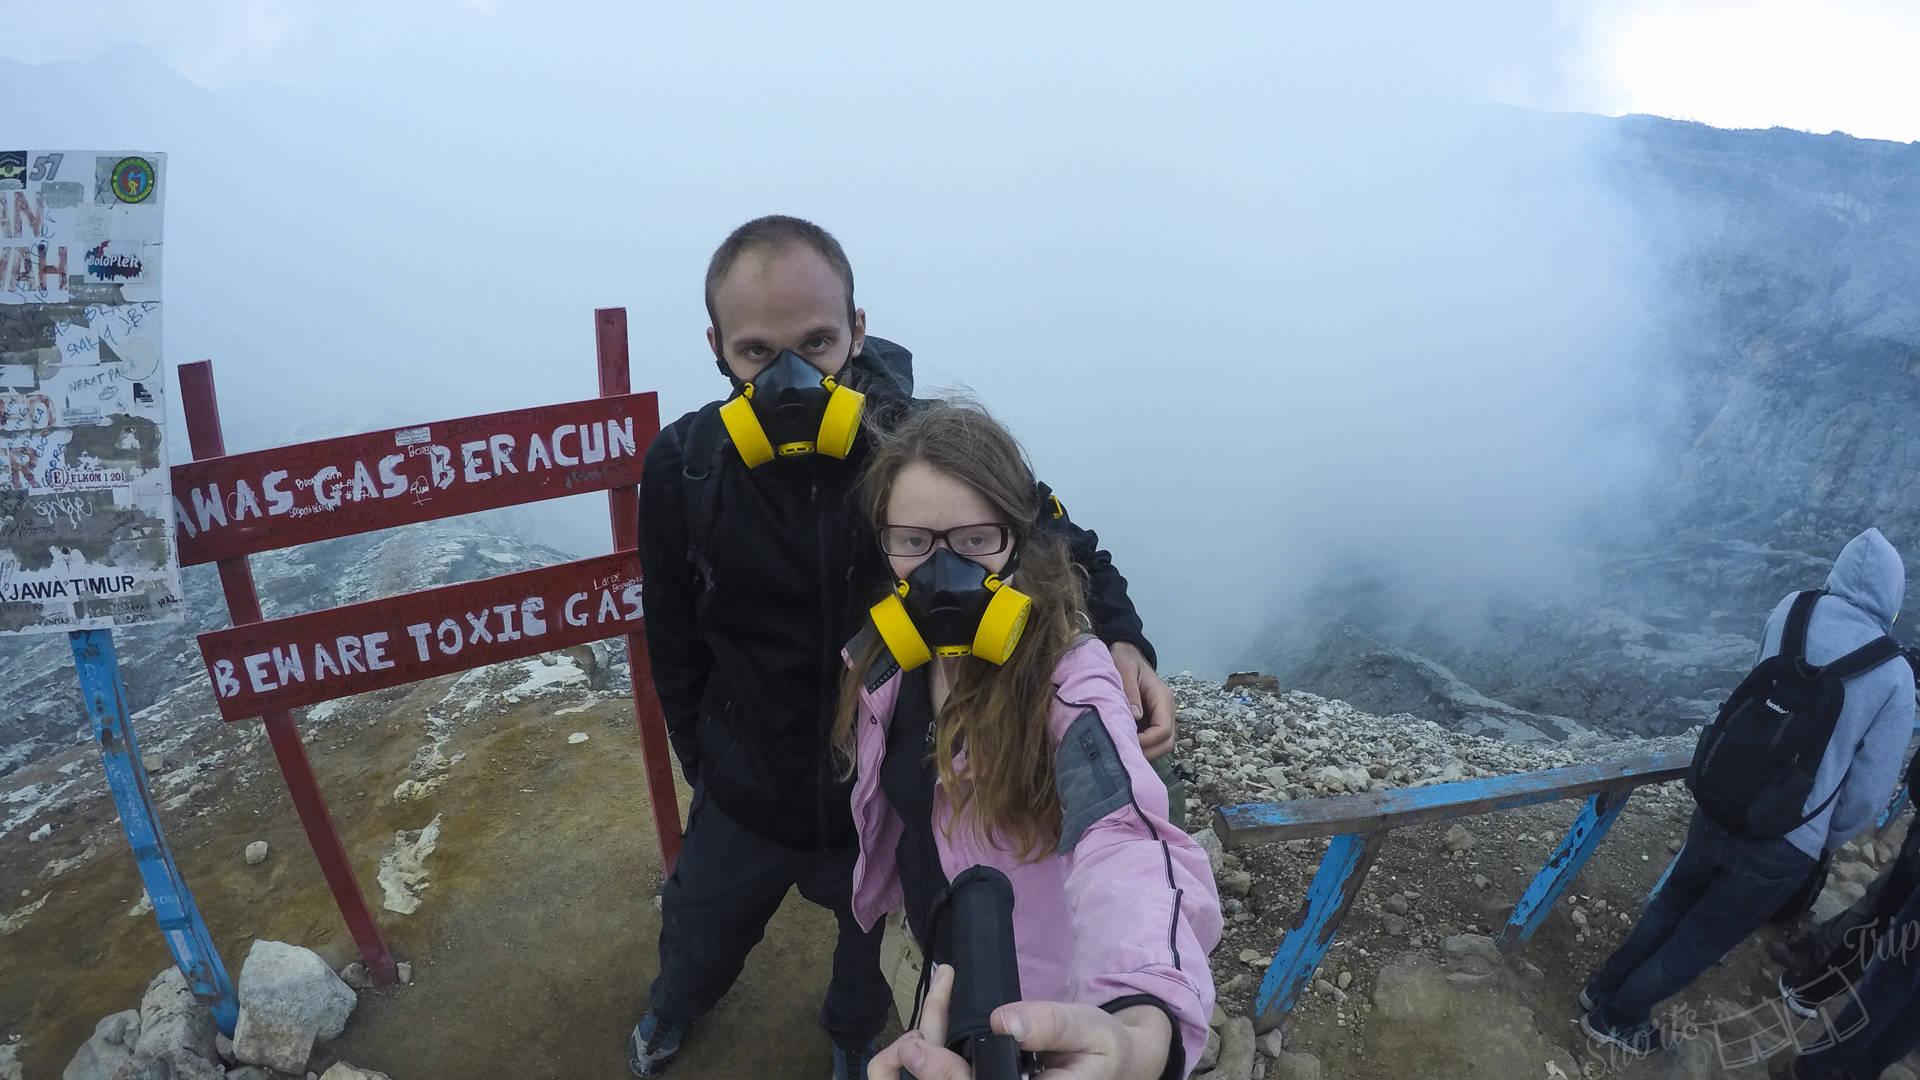 ijen, ijen volcano, ijen masks, ijen warning sign, ijen warning, ijen fumes, ijen indonesia, ijen at night, ijen on your own, ijen volcano hike